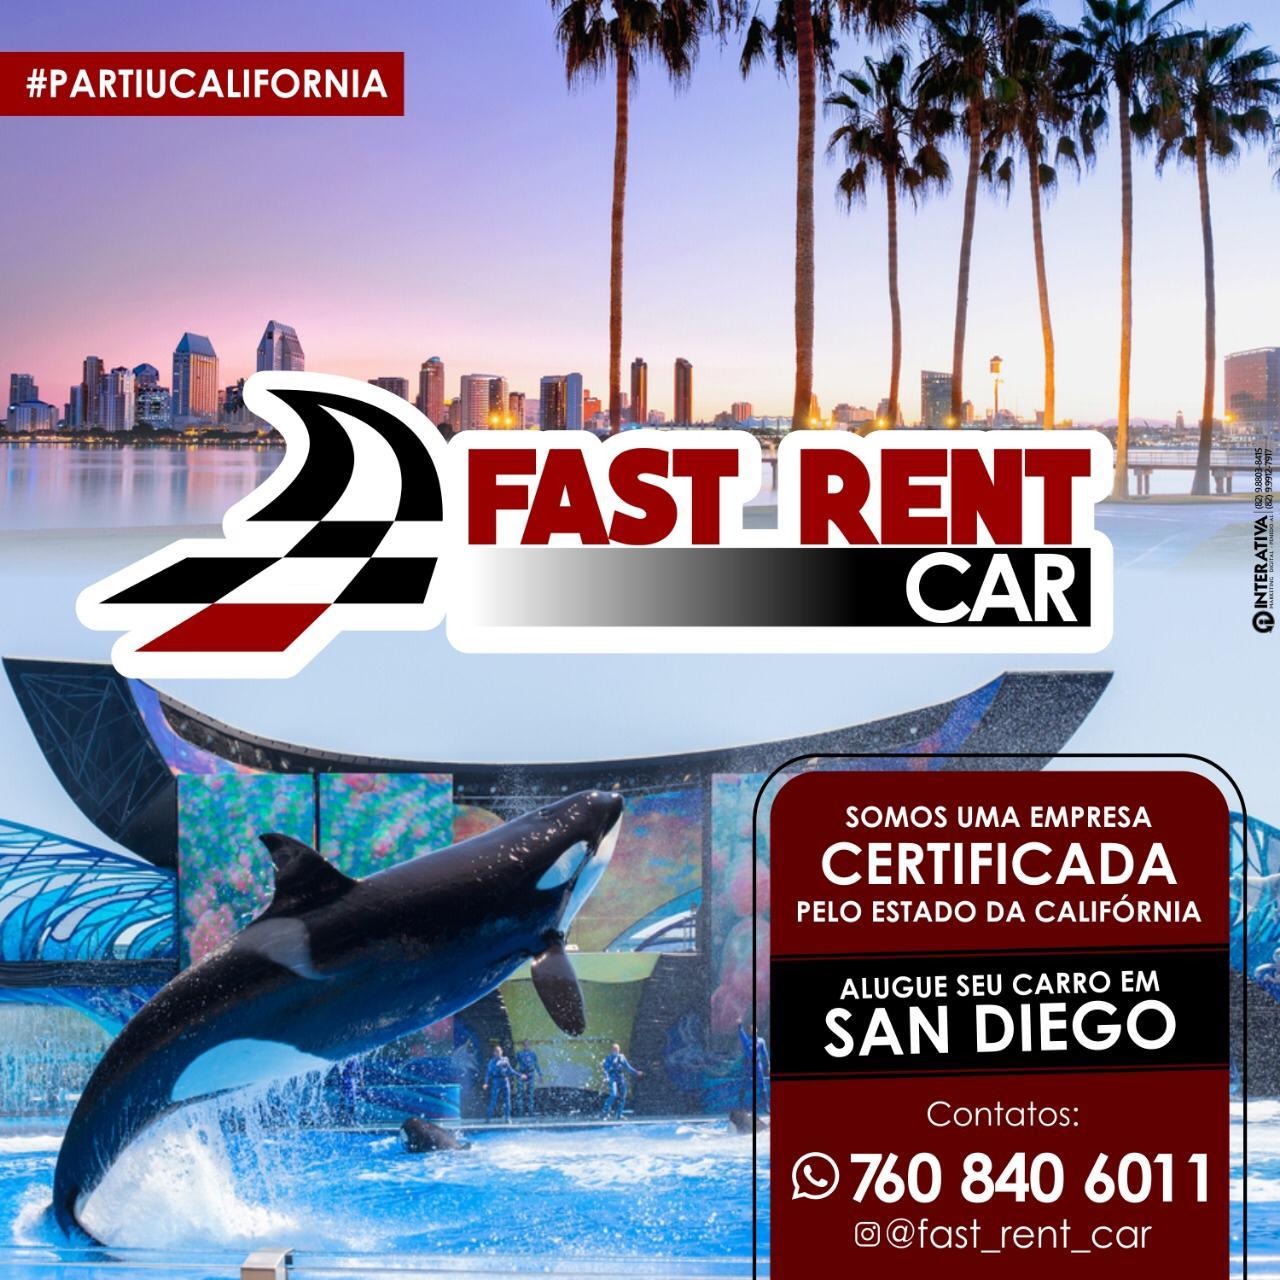 FAST-RENT-CAR-380x380 Empresário Monteireense ganha destaque em SAN Diego com empresa de locação de veículo